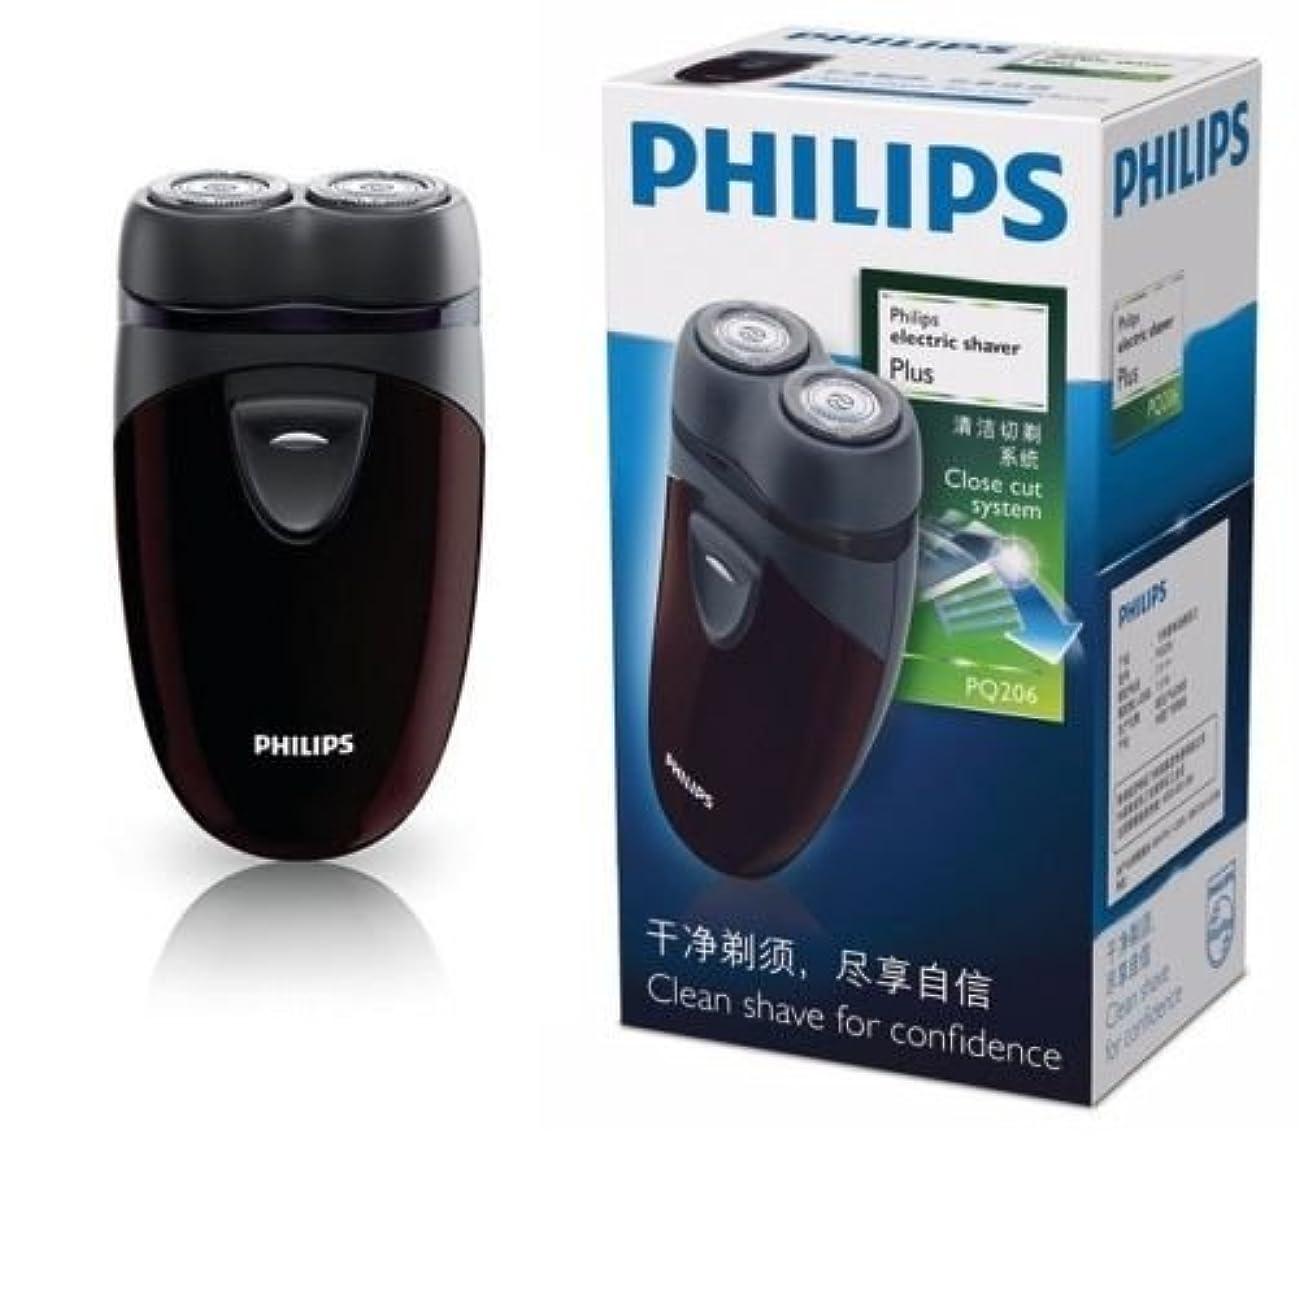 肯定的早い疎外Philips PQ206 電気シェーバーのバッテリーは持ち運びに便利パワード [並行輸入品]